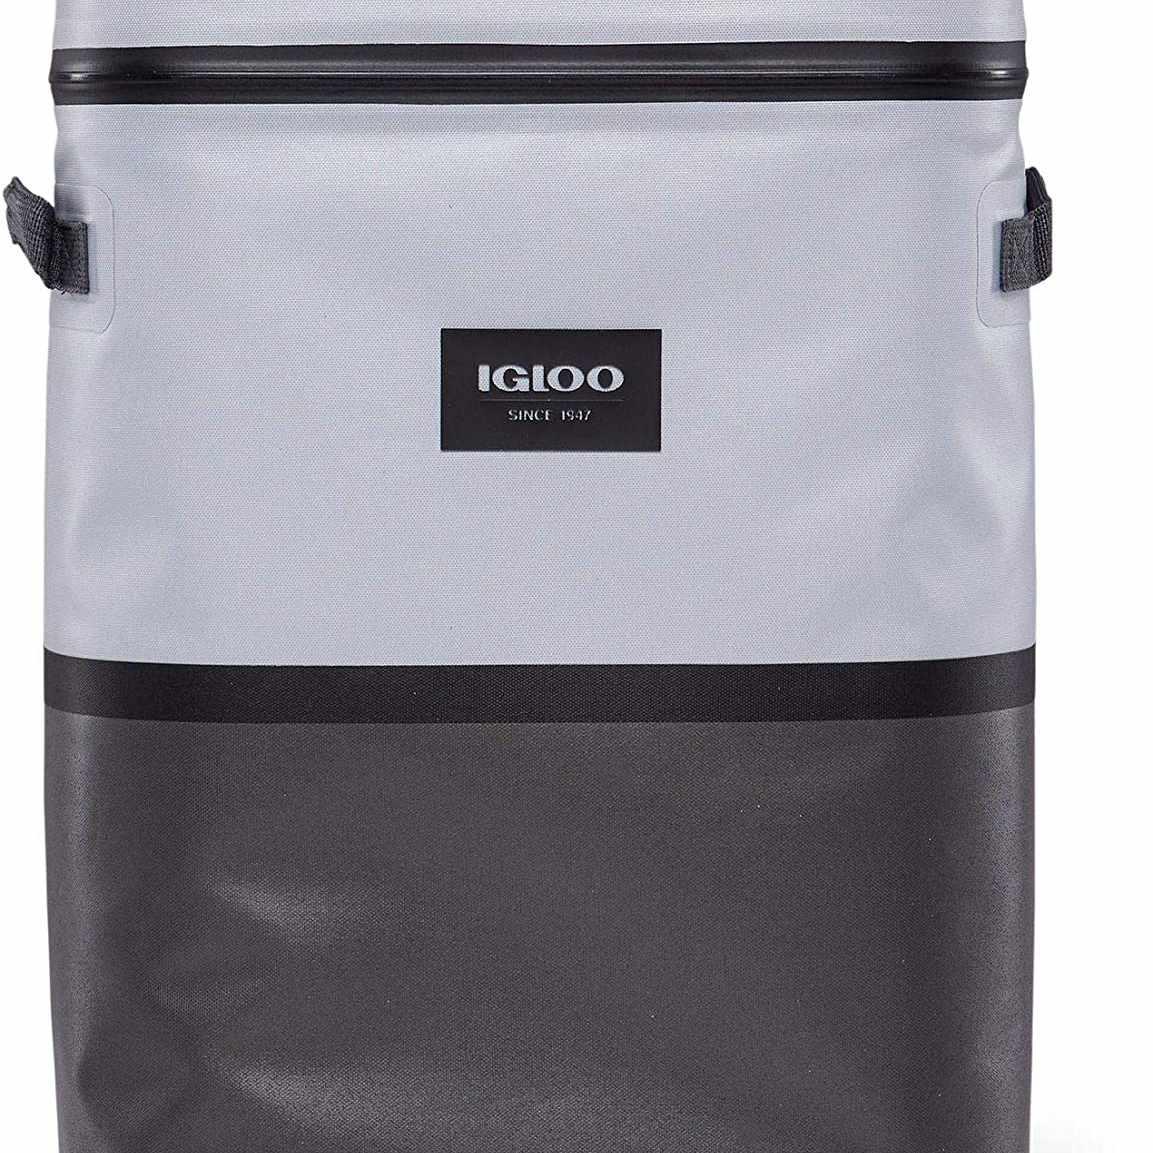 Igloo Reactor 24-Can Backpack